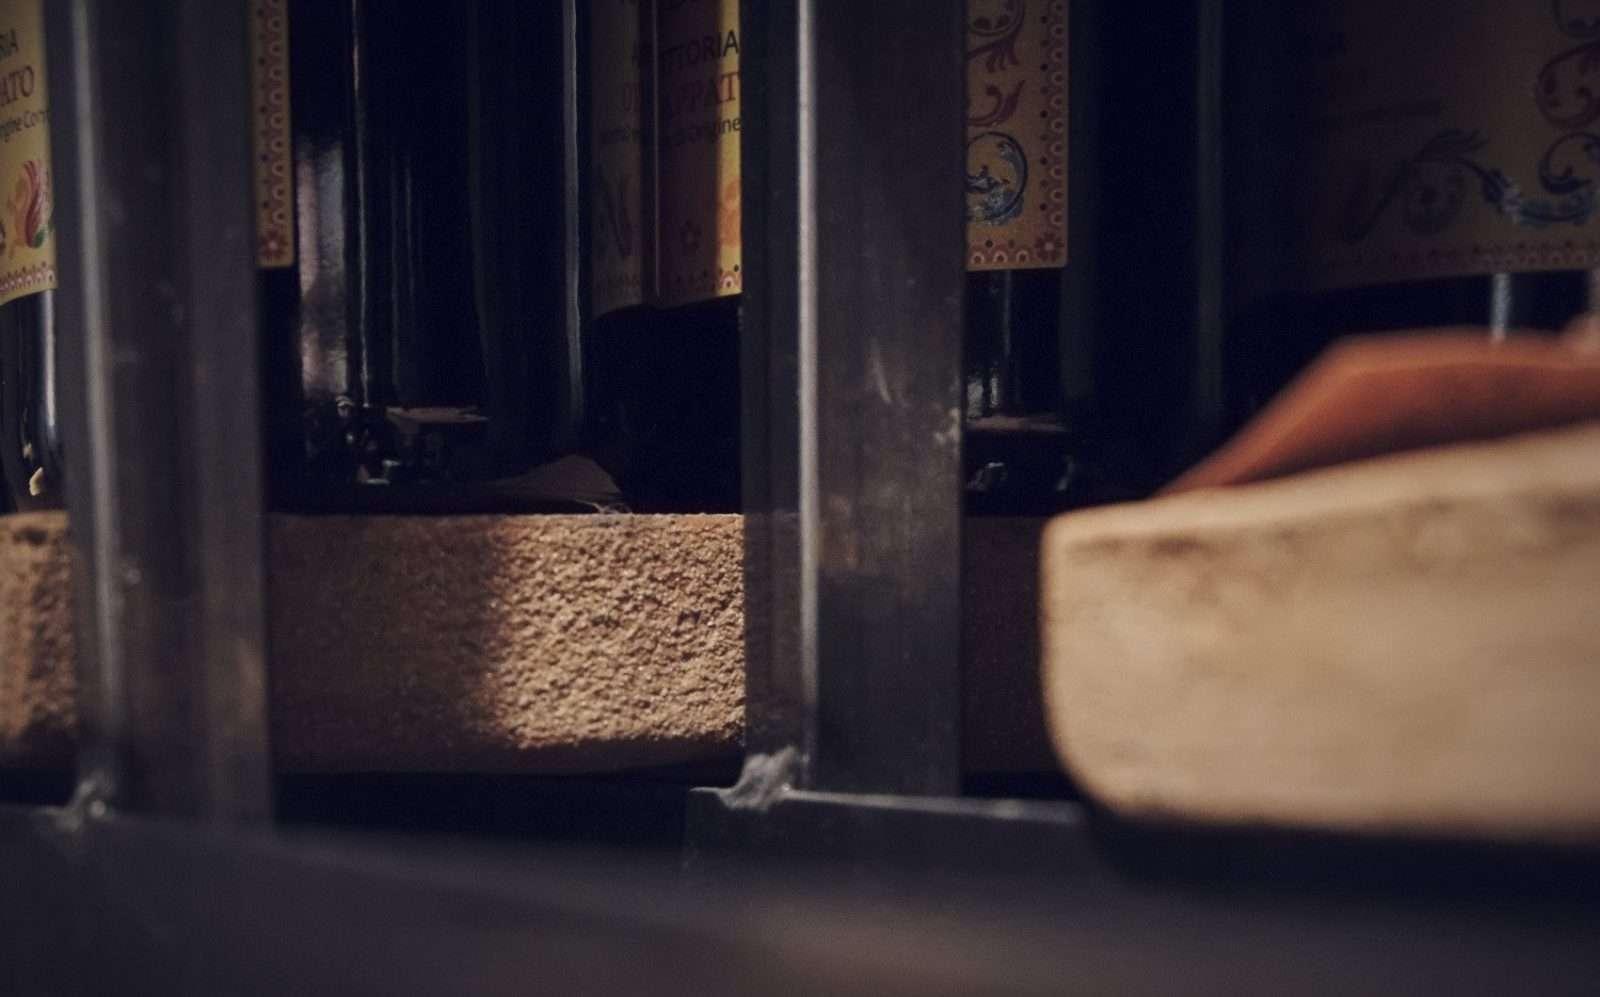 Progetto enoteca, Milano, 2015, terracotta e ferro